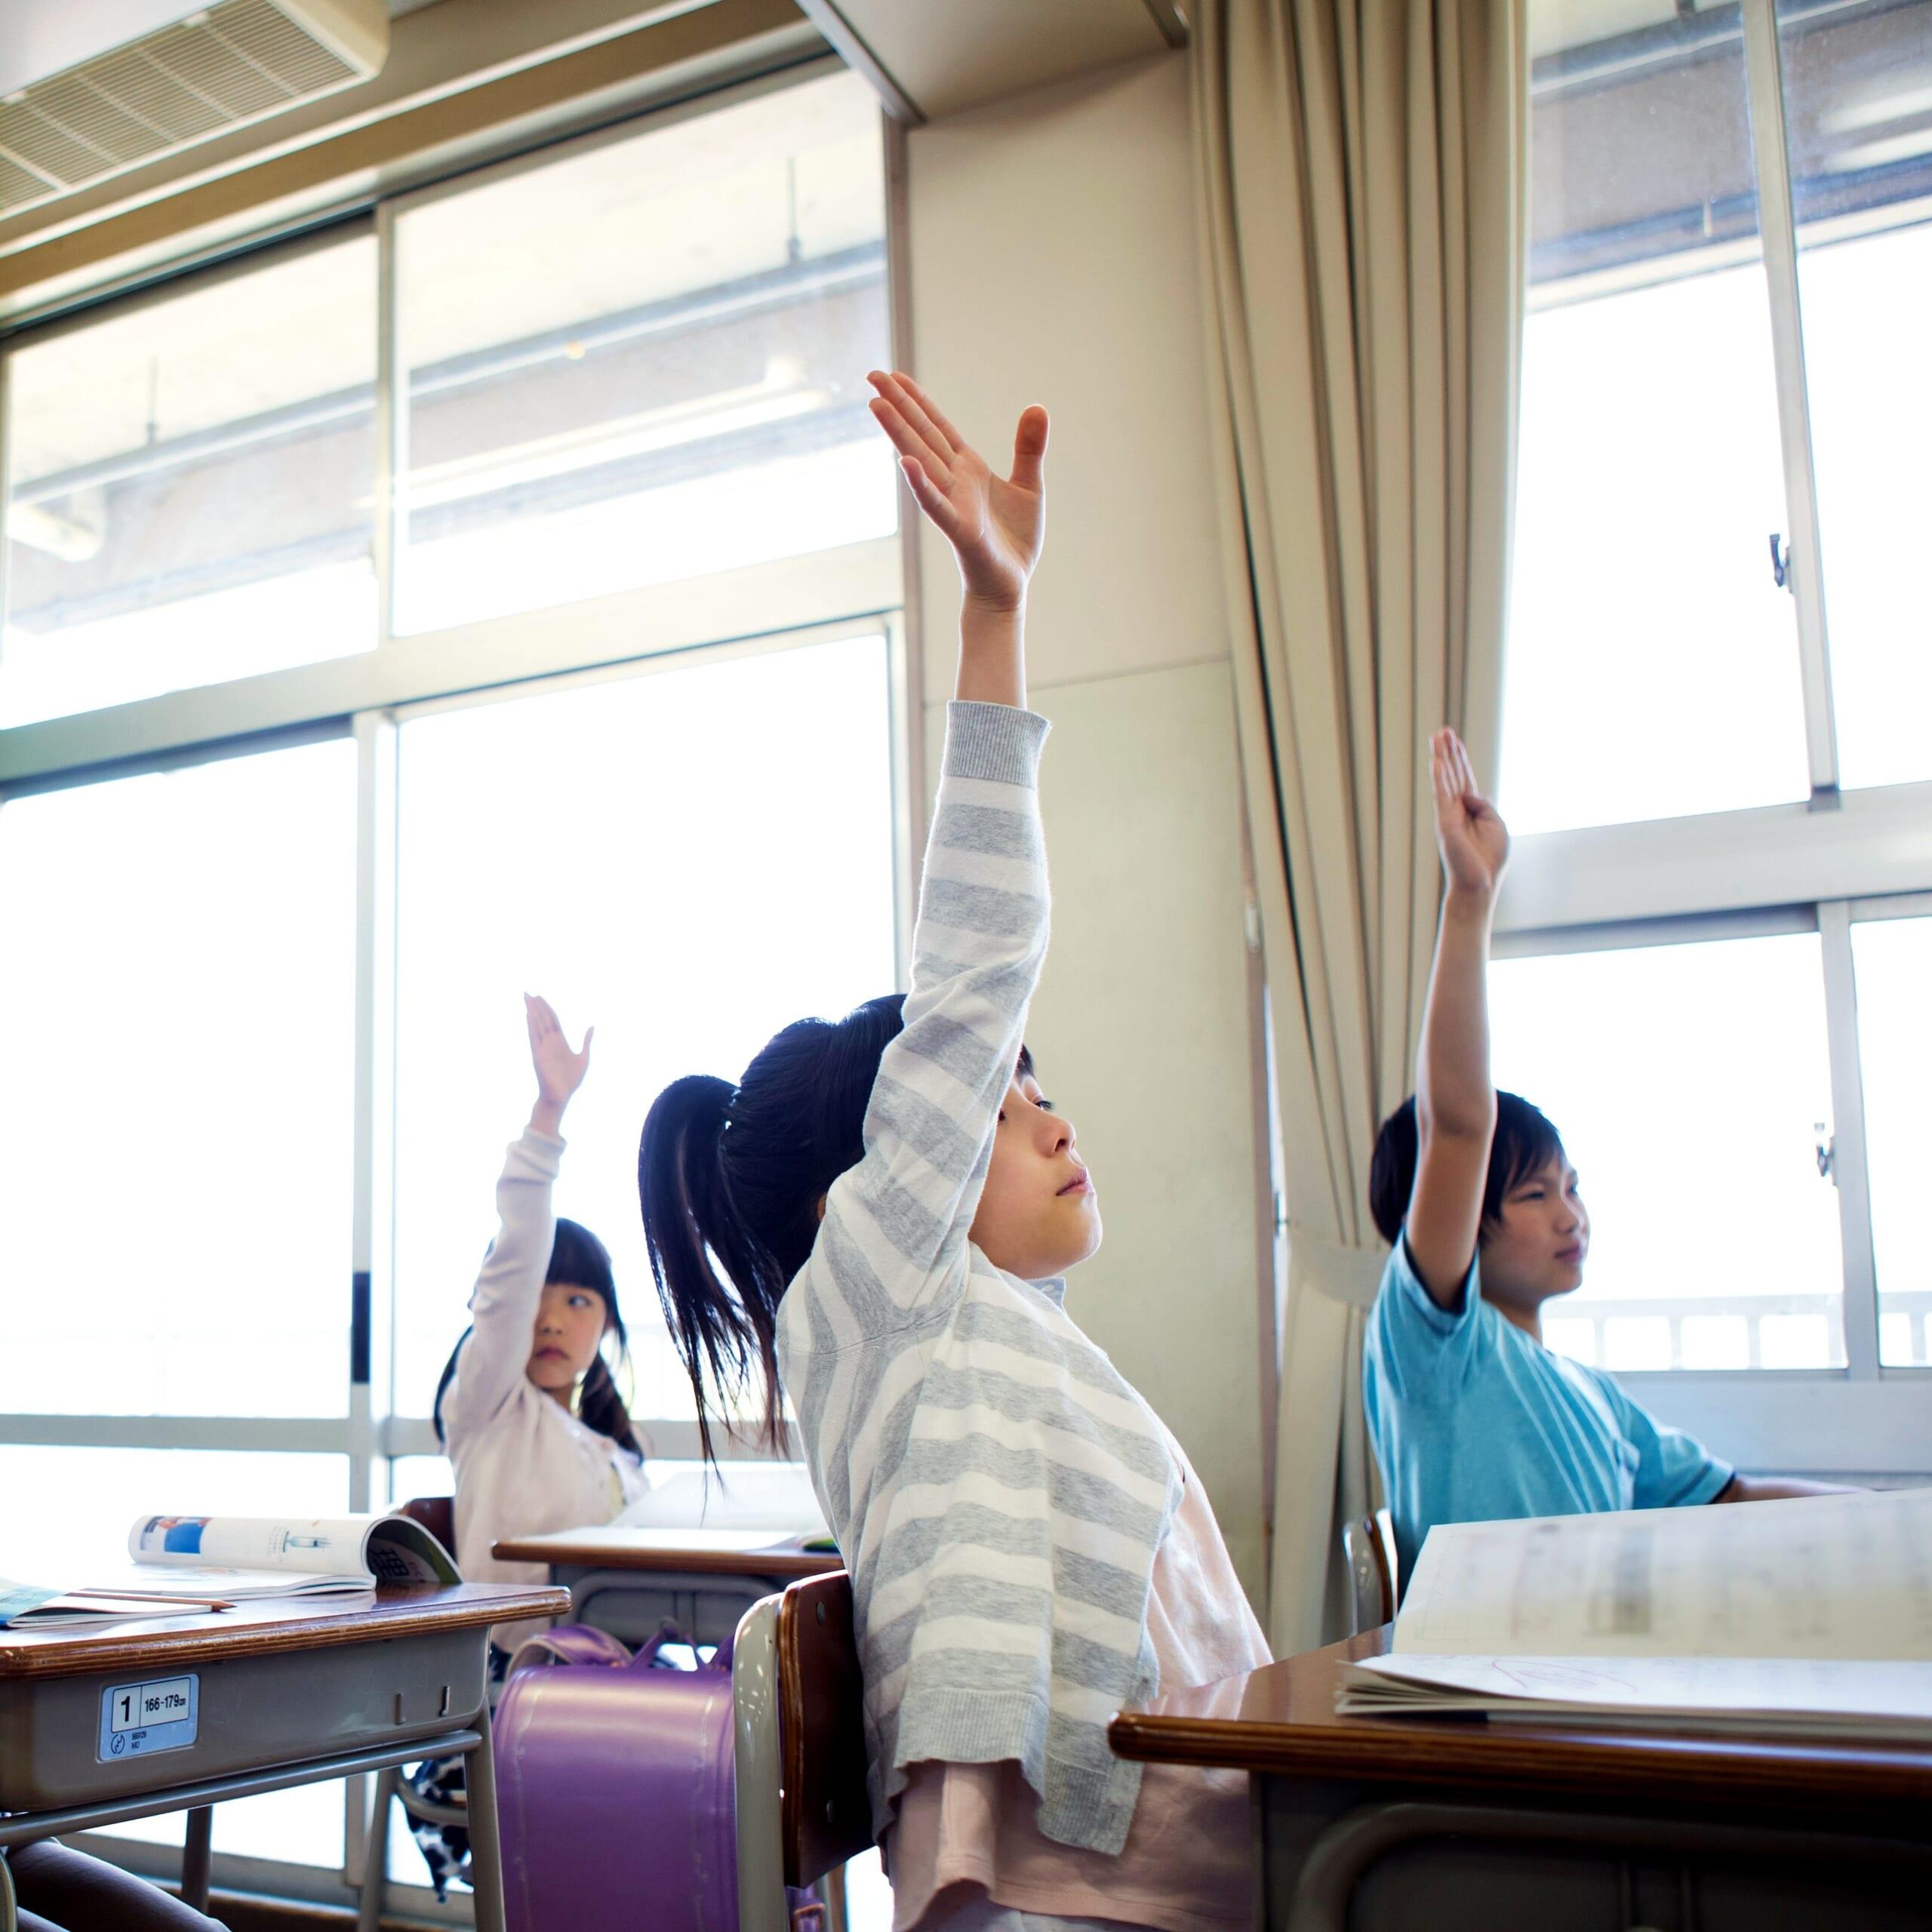 「新しい生活様式」における教育現場で「20人学級」は実現へ向かうのか